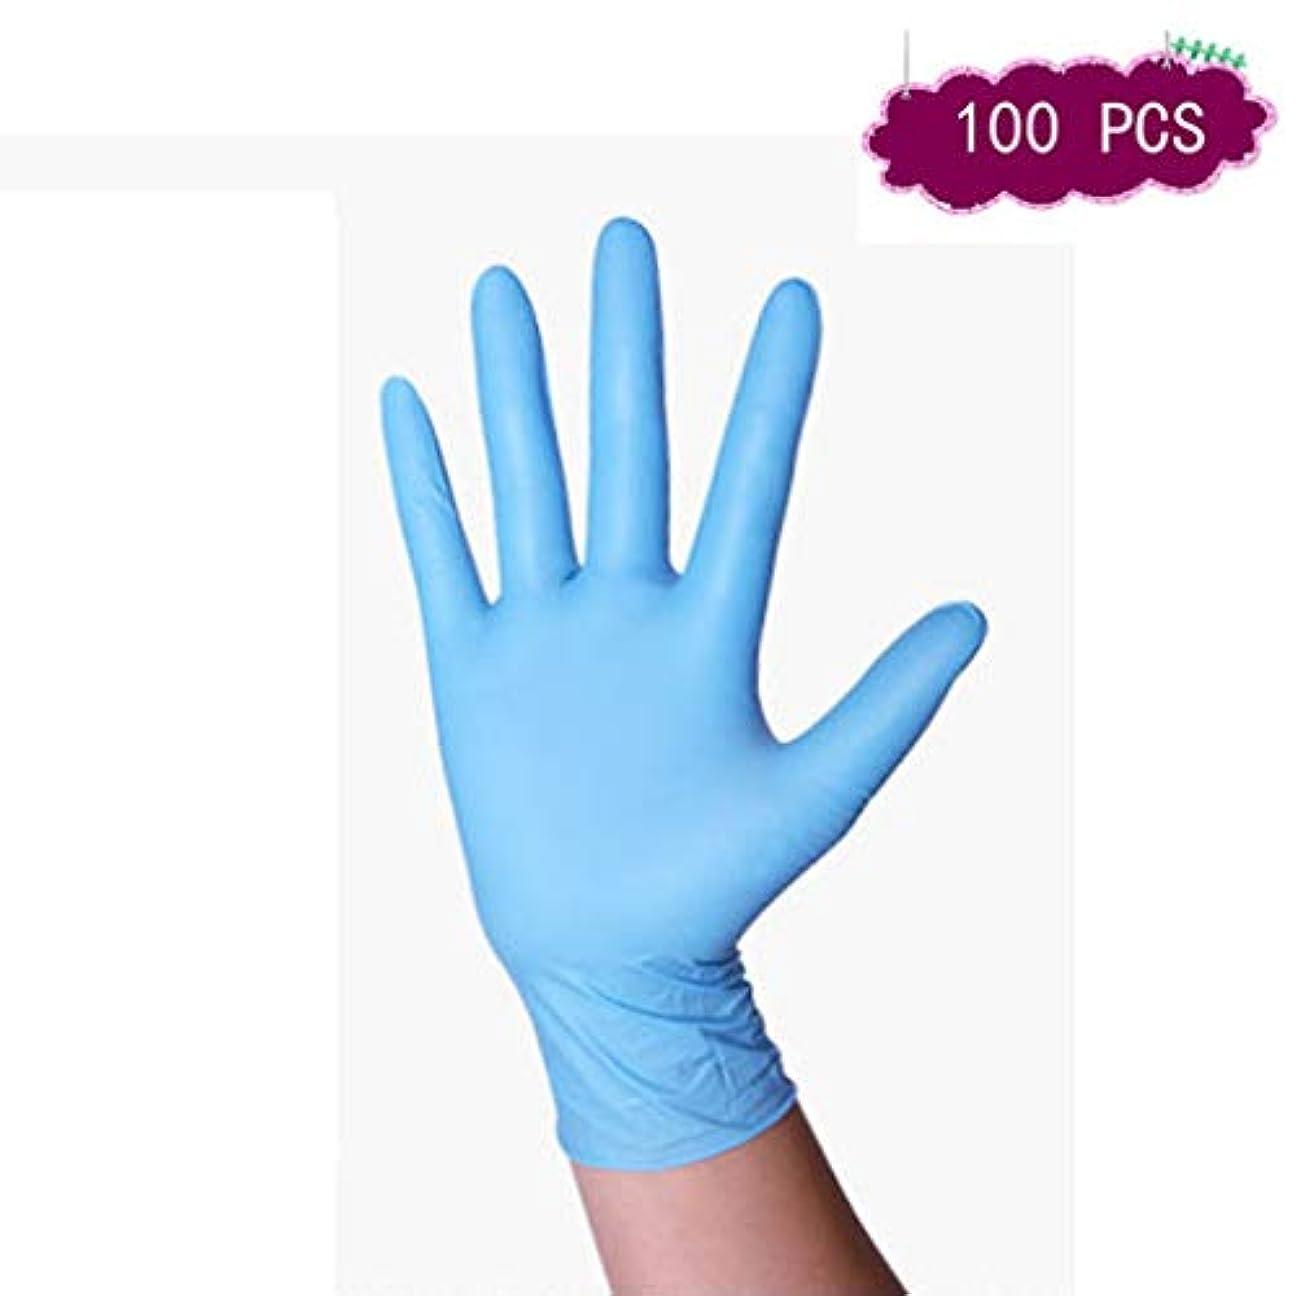 真向こう本質的ではない弱める使い捨てラテックス手袋ニトリルパウダーフリーの耐久性のある青の保護食品研究所のスキッド手袋なしパウダー (Color : 9 inch, Size : L)